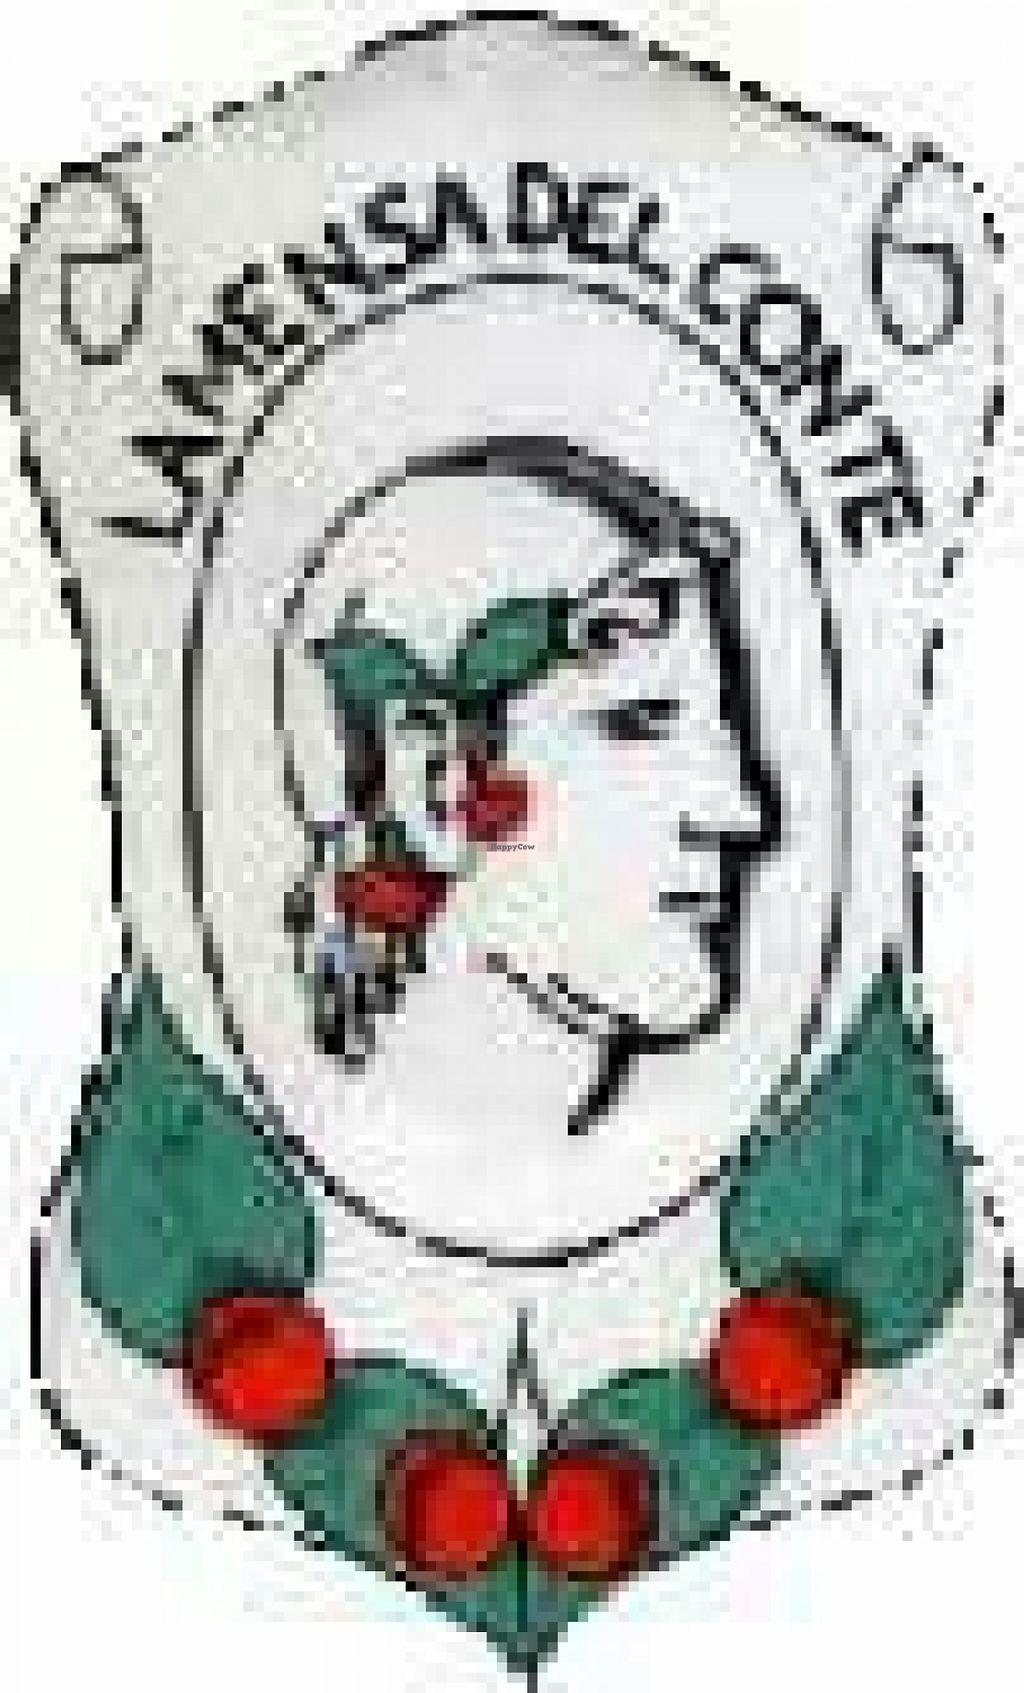 """Photo of La Mensa del Conte  by <a href=""""/members/profile/RubinaBonifazi"""">RubinaBonifazi</a> <br/>logo <br/> October 19, 2015  - <a href='/contact/abuse/image/64474/121842'>Report</a>"""